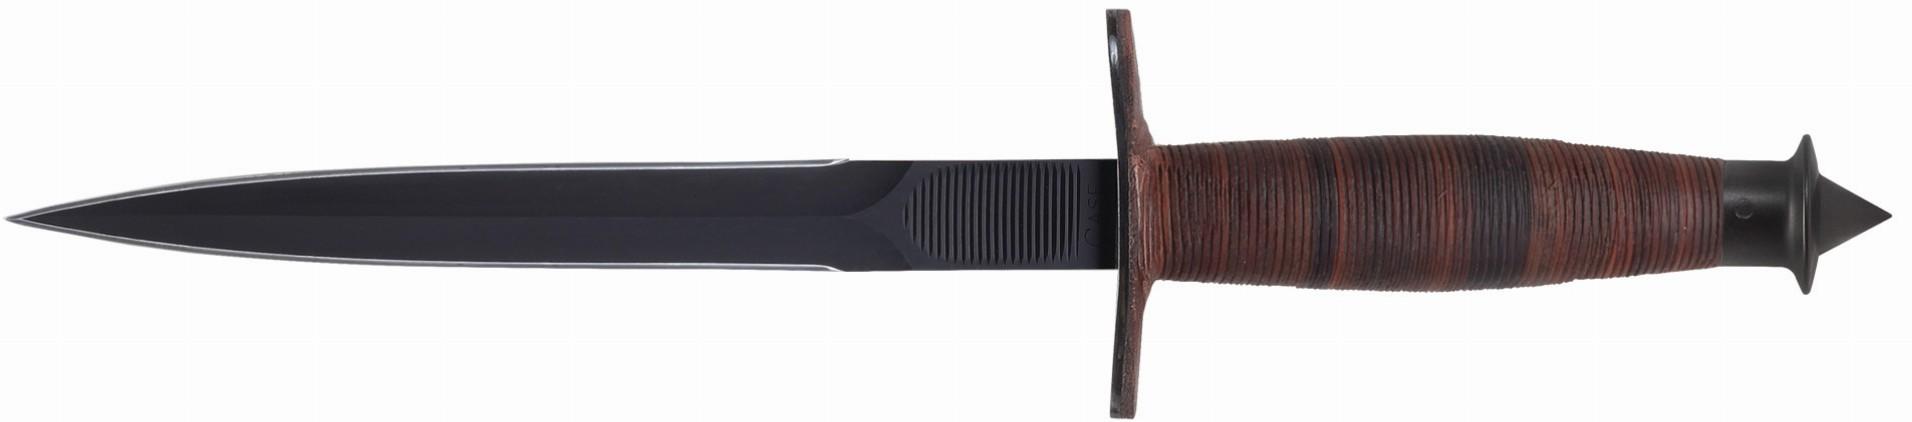 CASE XX KNIFE 21994 V-42 MILITARY KNIFE